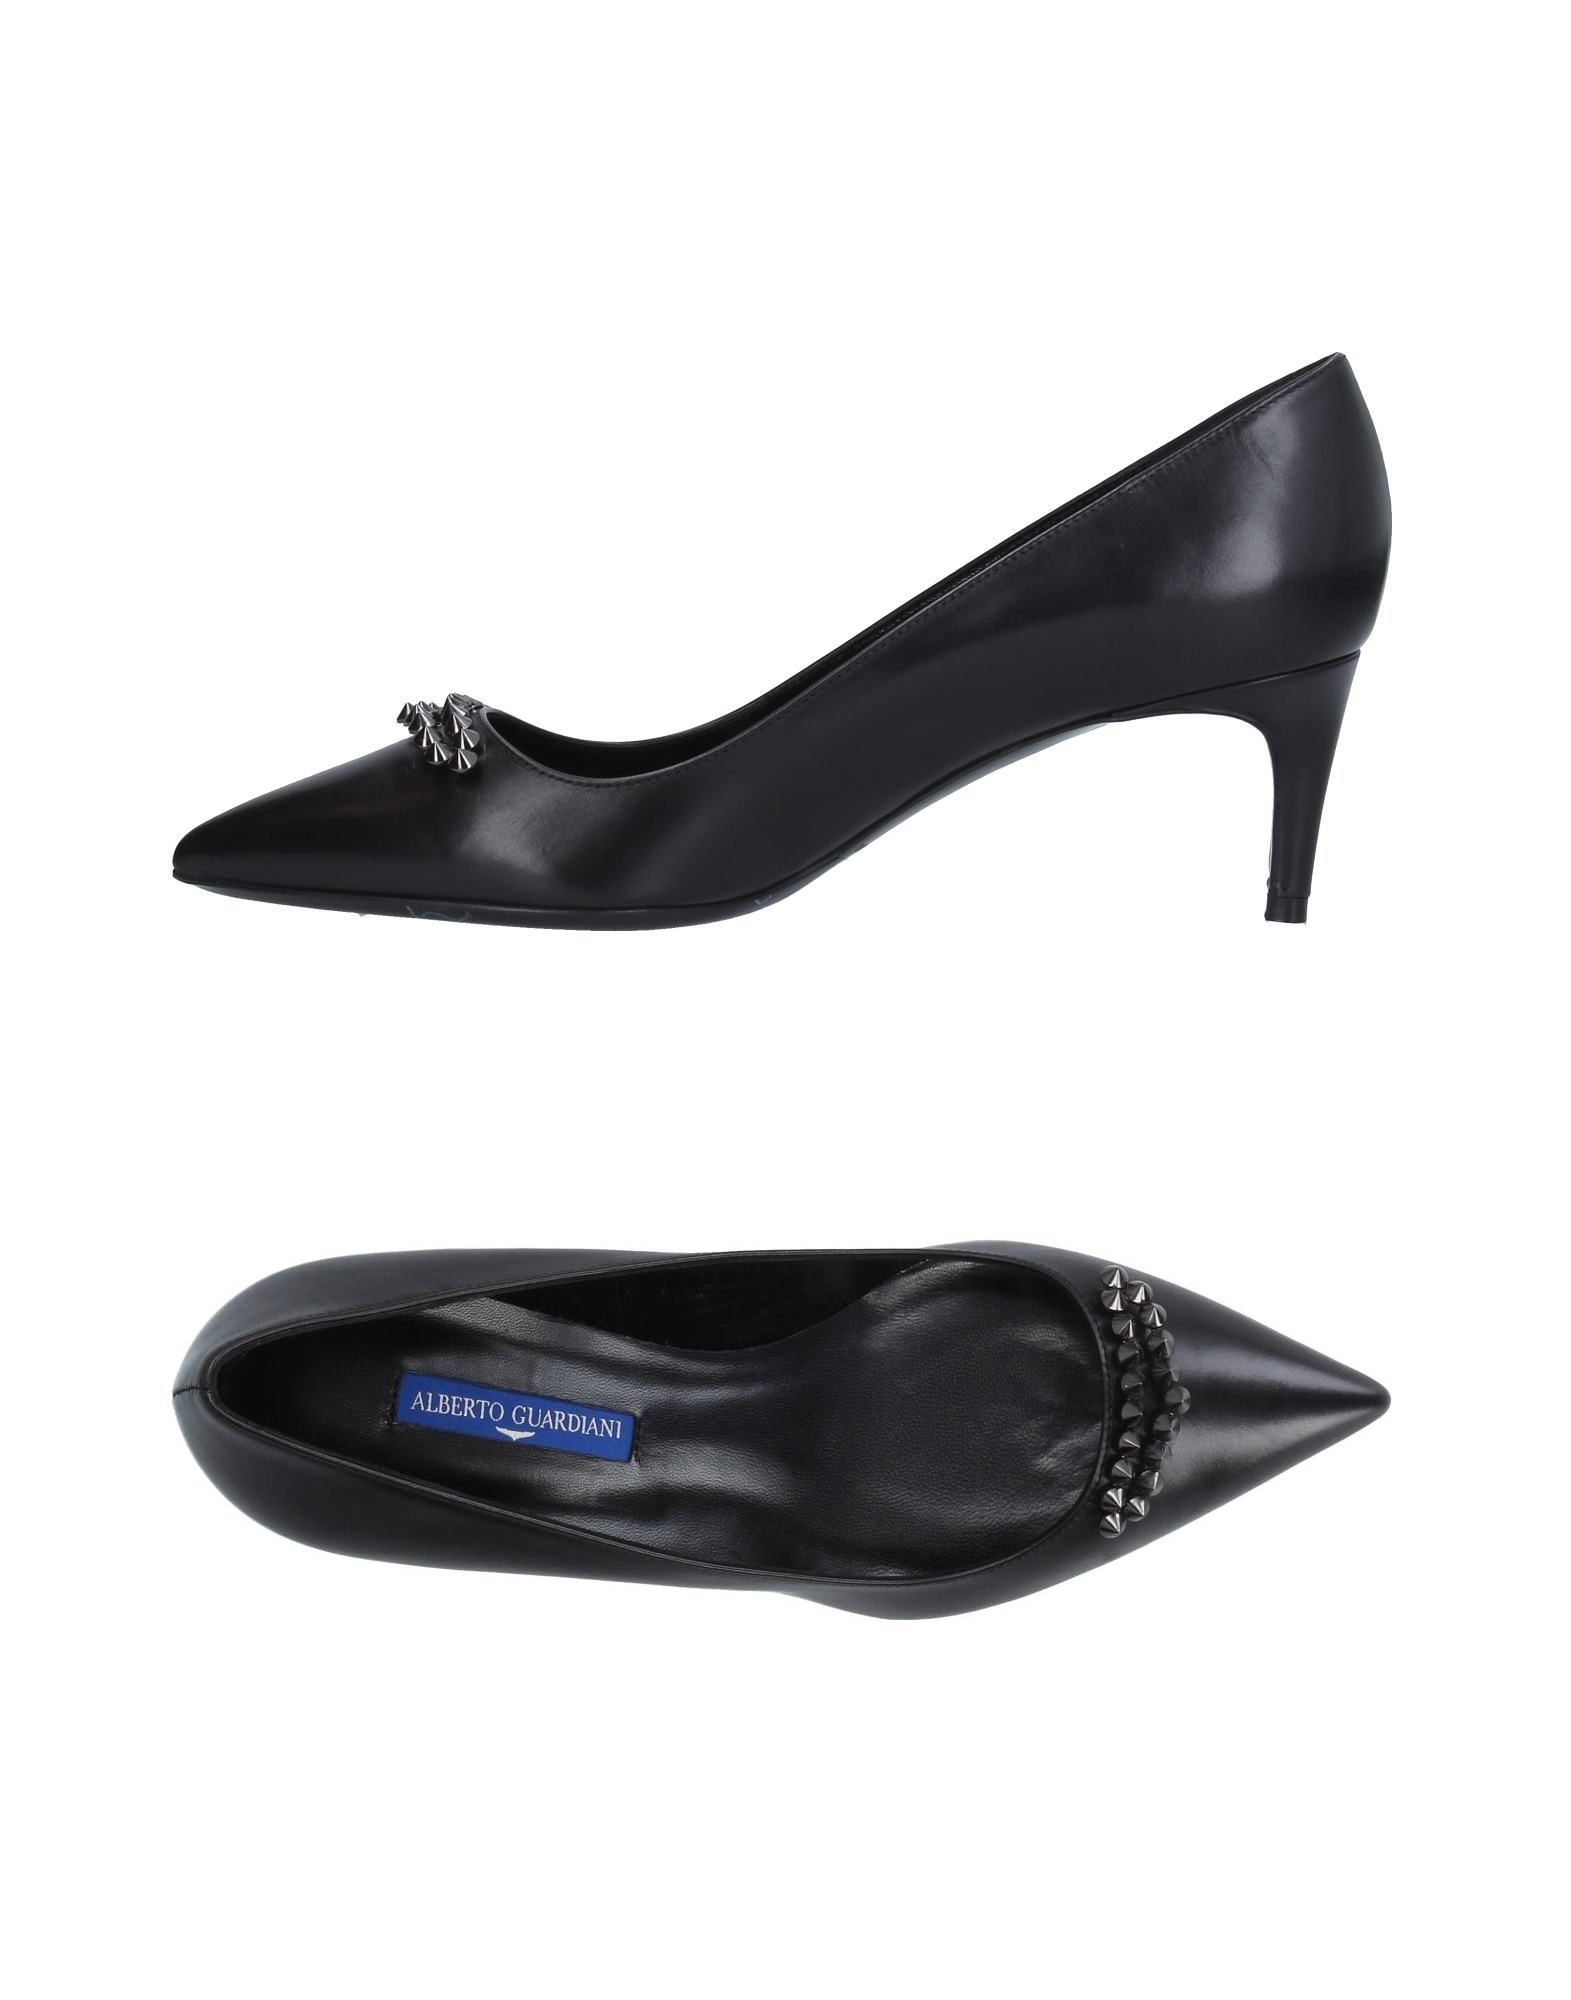 Rabatt Damen Schuhe Alberto Guardiani Pumps Damen Rabatt  11325505MS 924e66